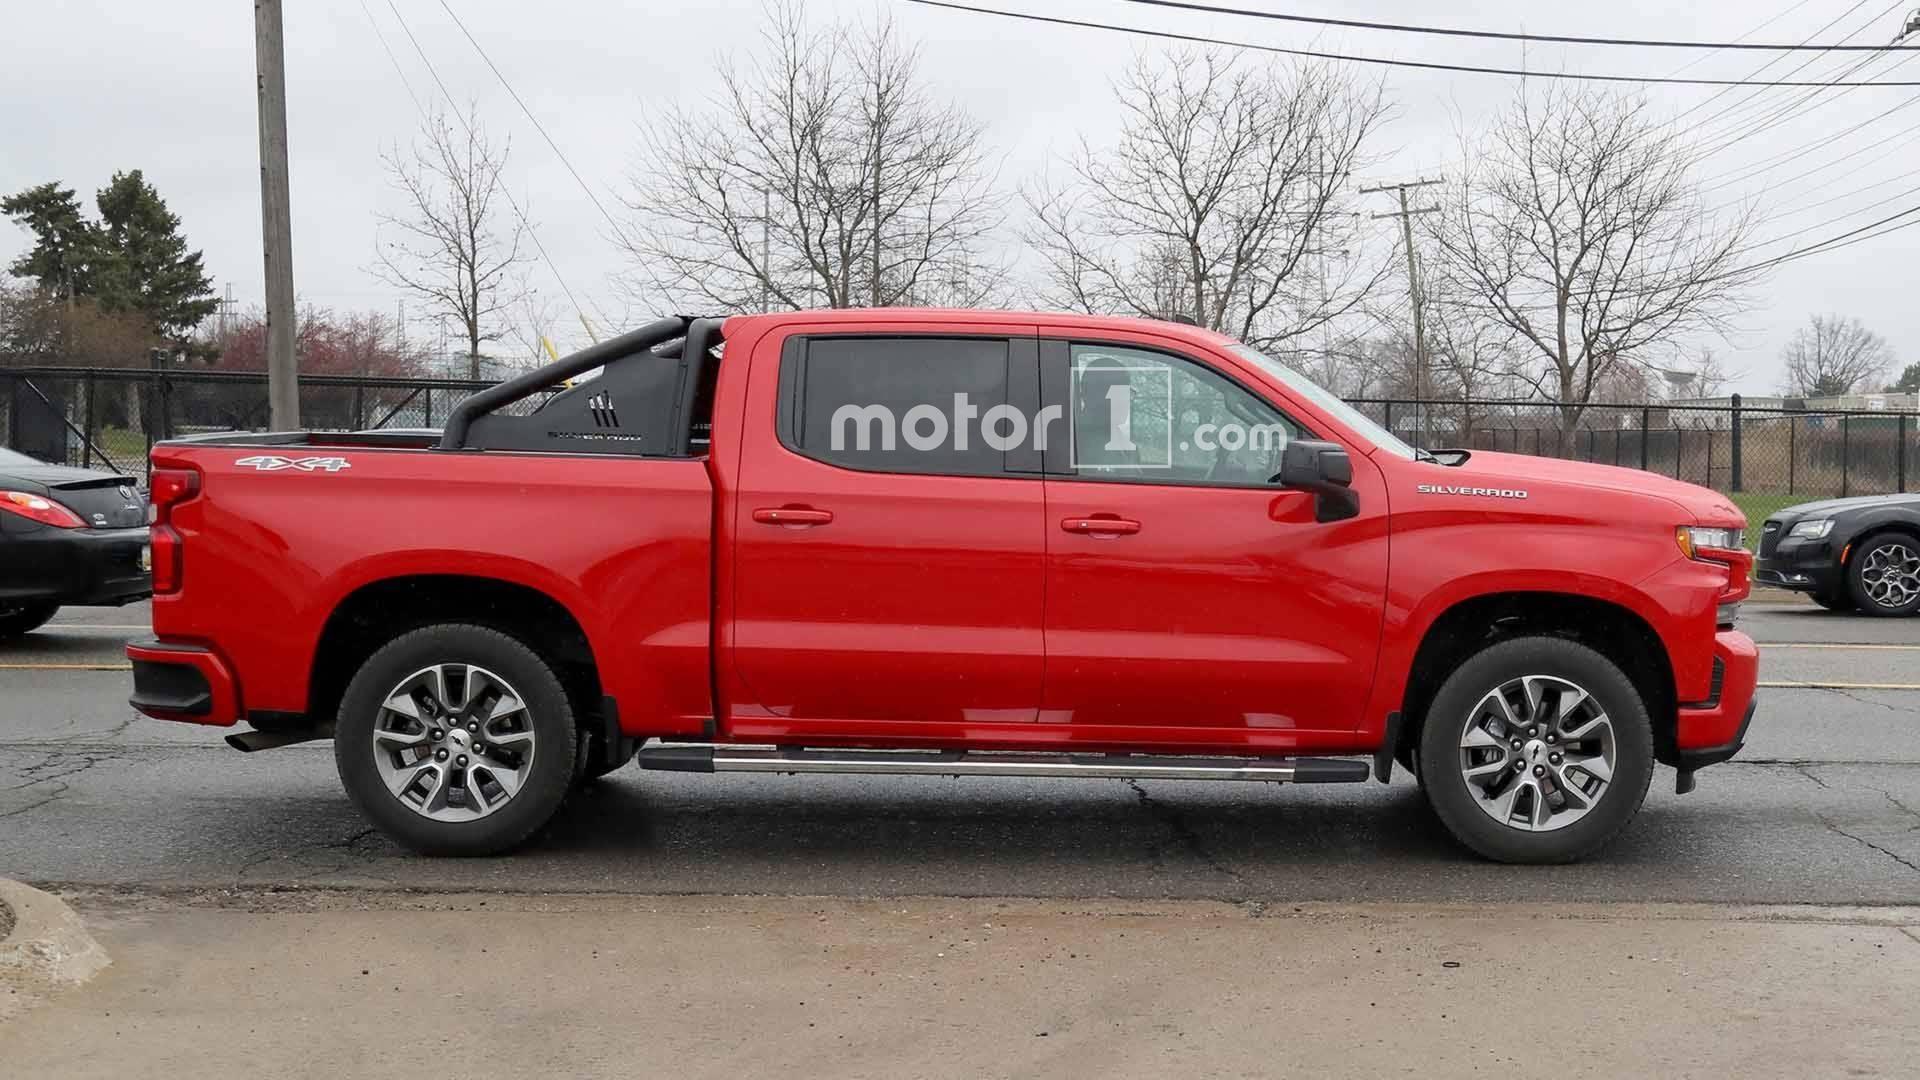 2019 Chevrolet Silverado Rst Looks Sporty In Spy Photos